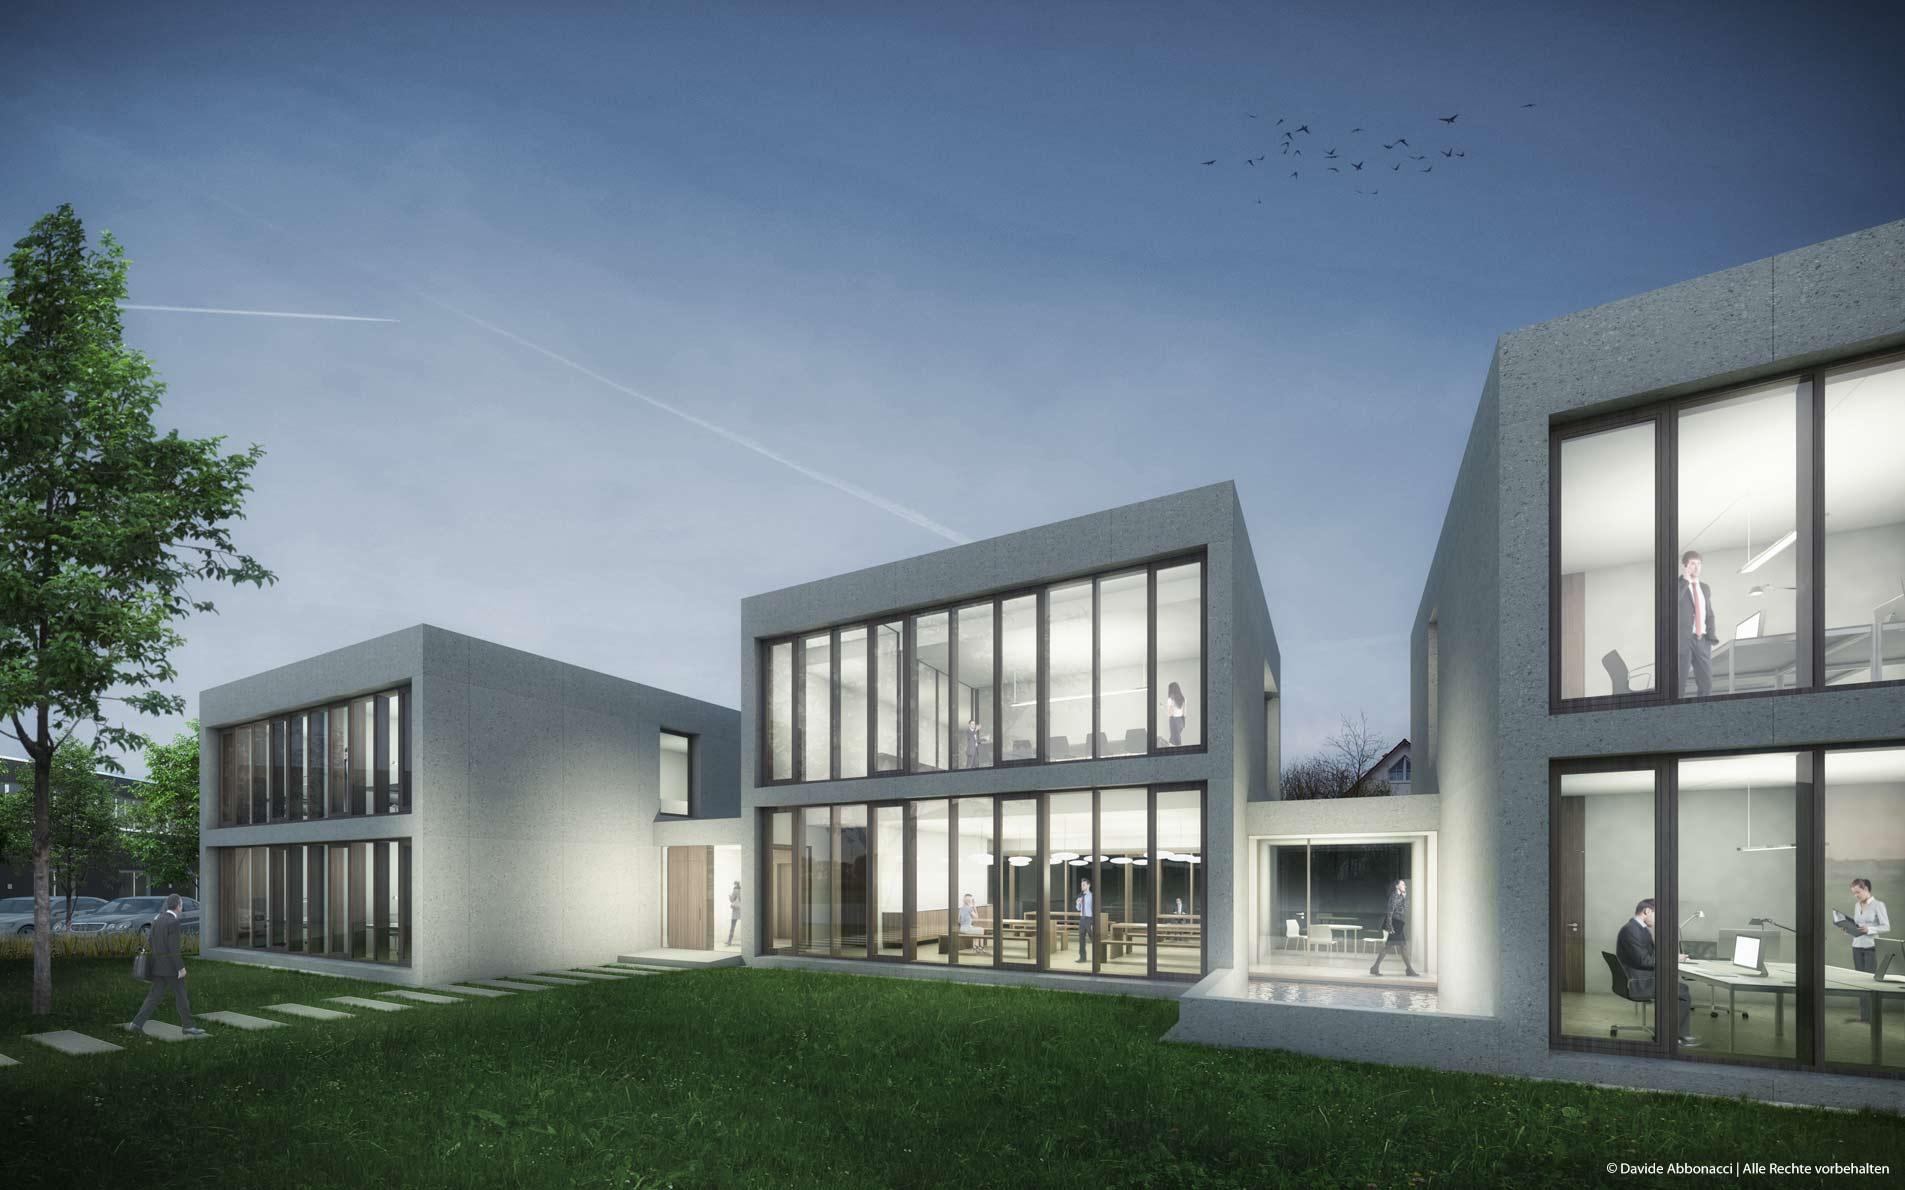 Neubau Verwaltungsgebäude, Kranzberg | Dominikus Stark Architekten | 2013 Projektvisualisierung